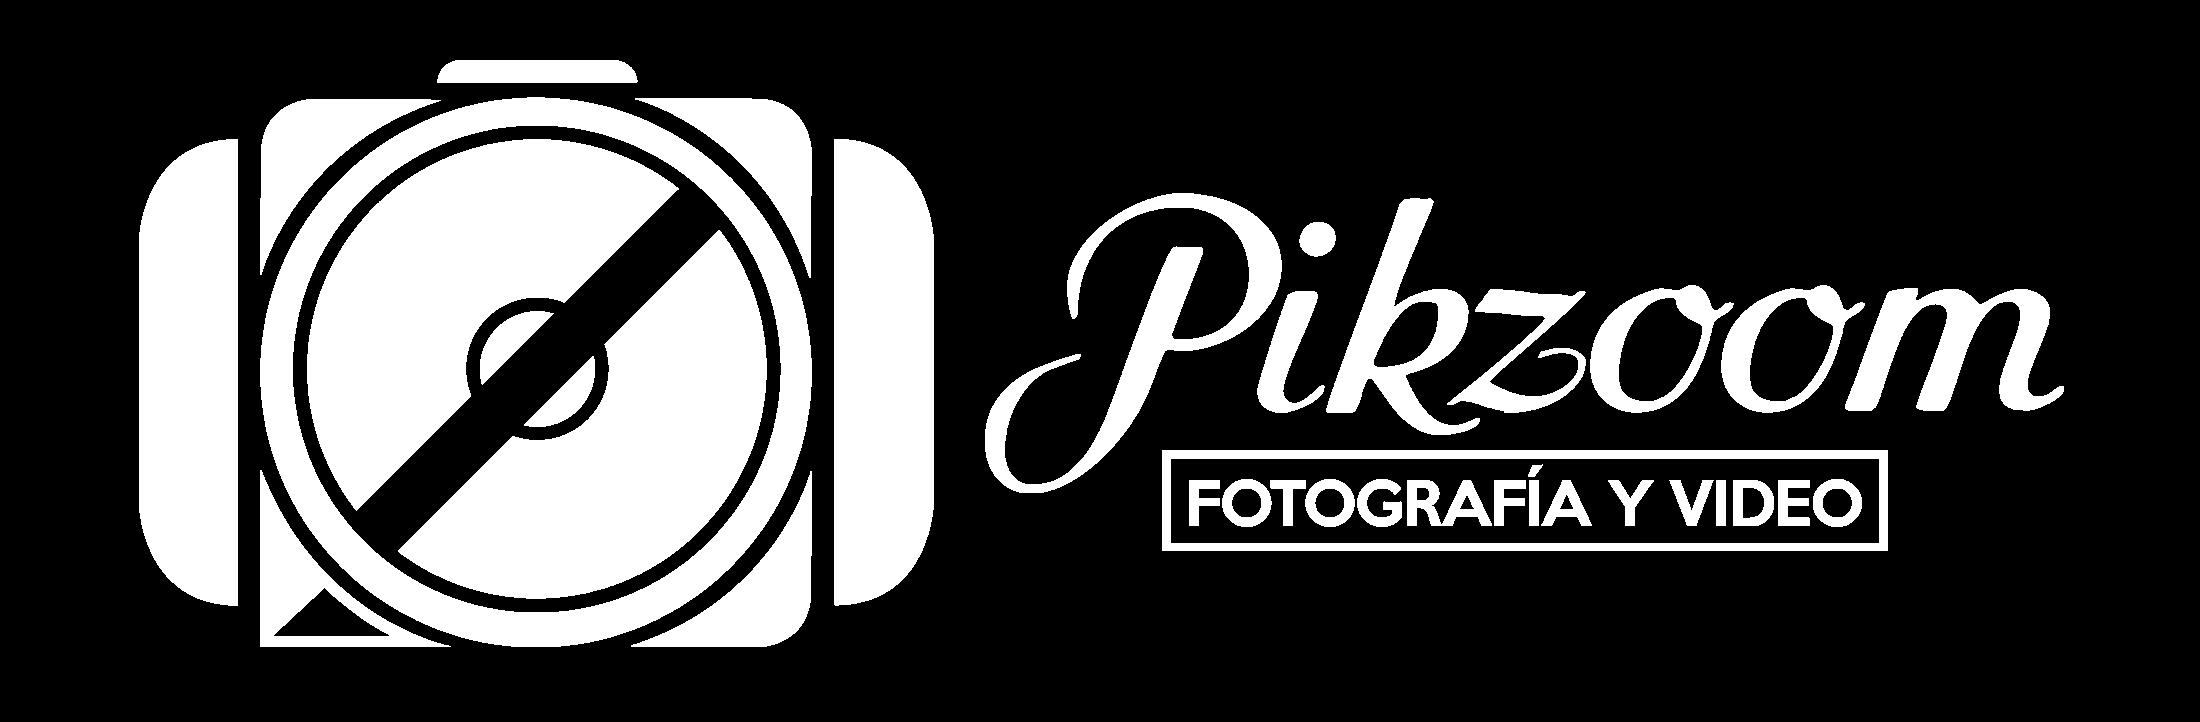 Pikzoom Fotografía y Video